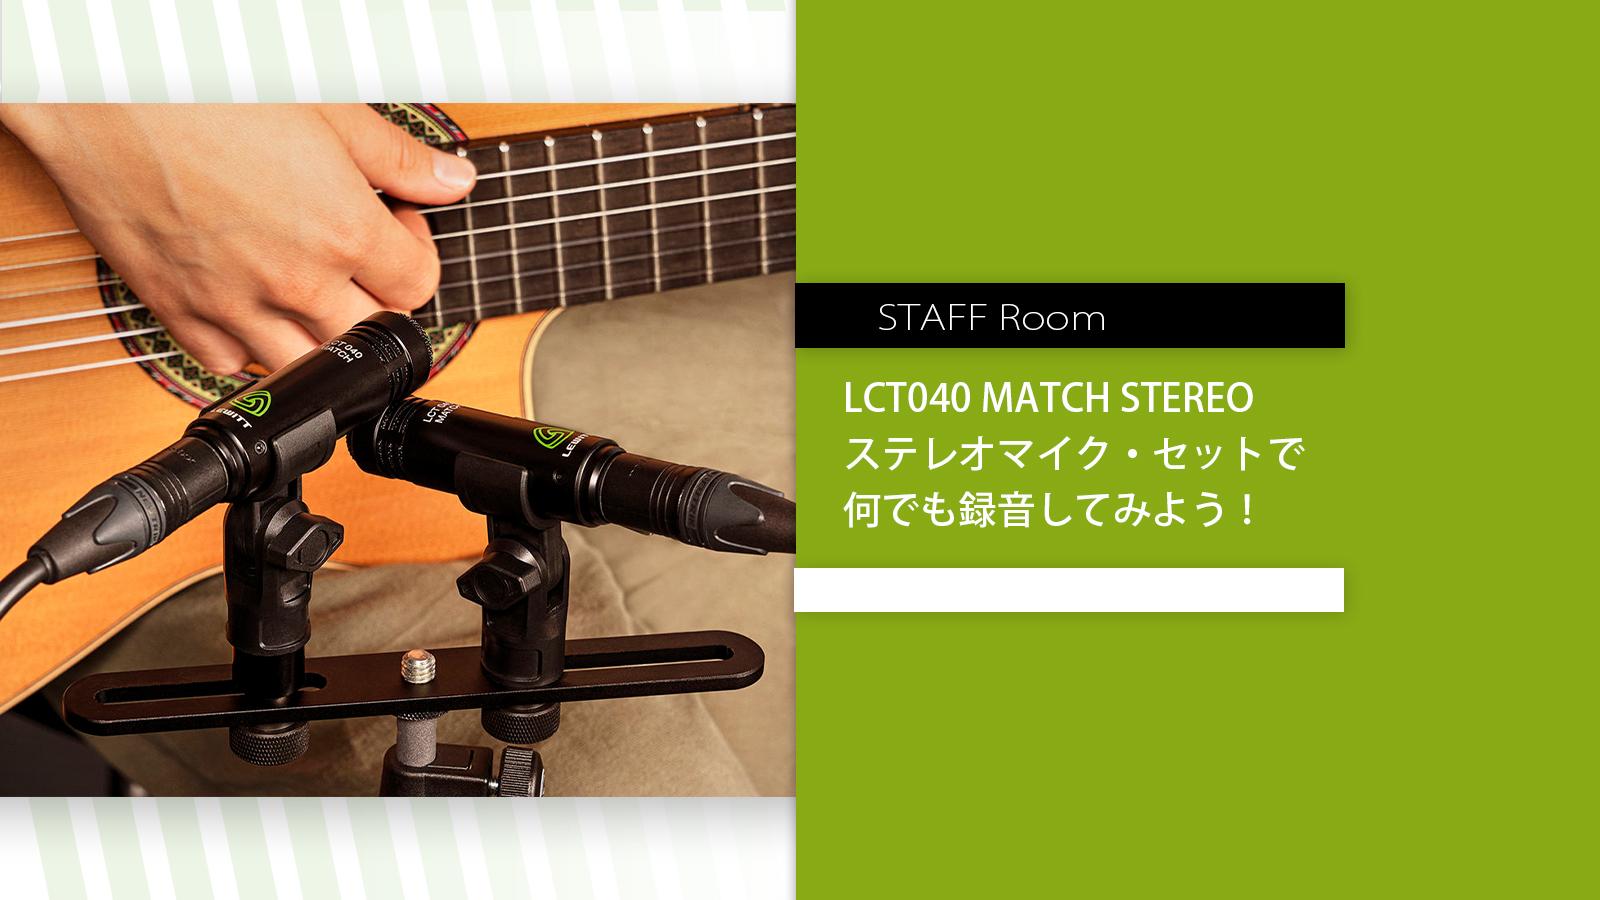 スタッフルーム – ステレオマイク・セットで何でも録音してみよう! LCT040 MATCH STEREO